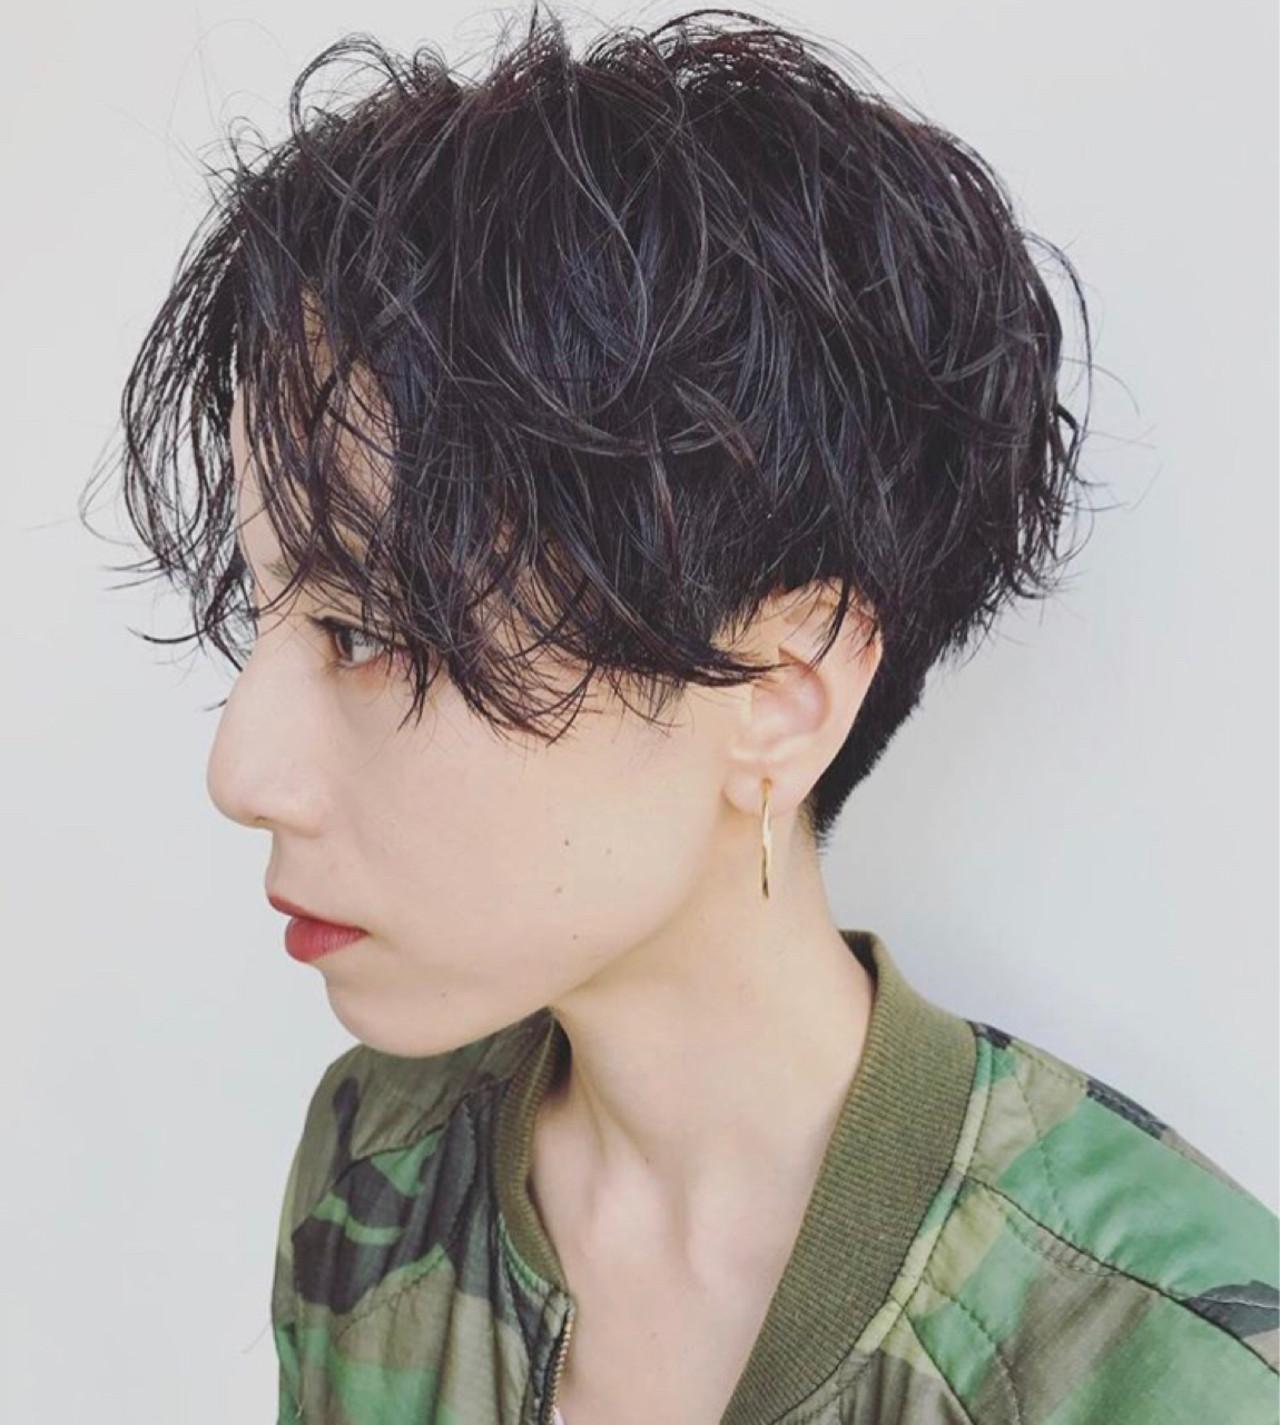 黒髪✕パーマでメンズっぽいかっこよさを 馬橋達佳